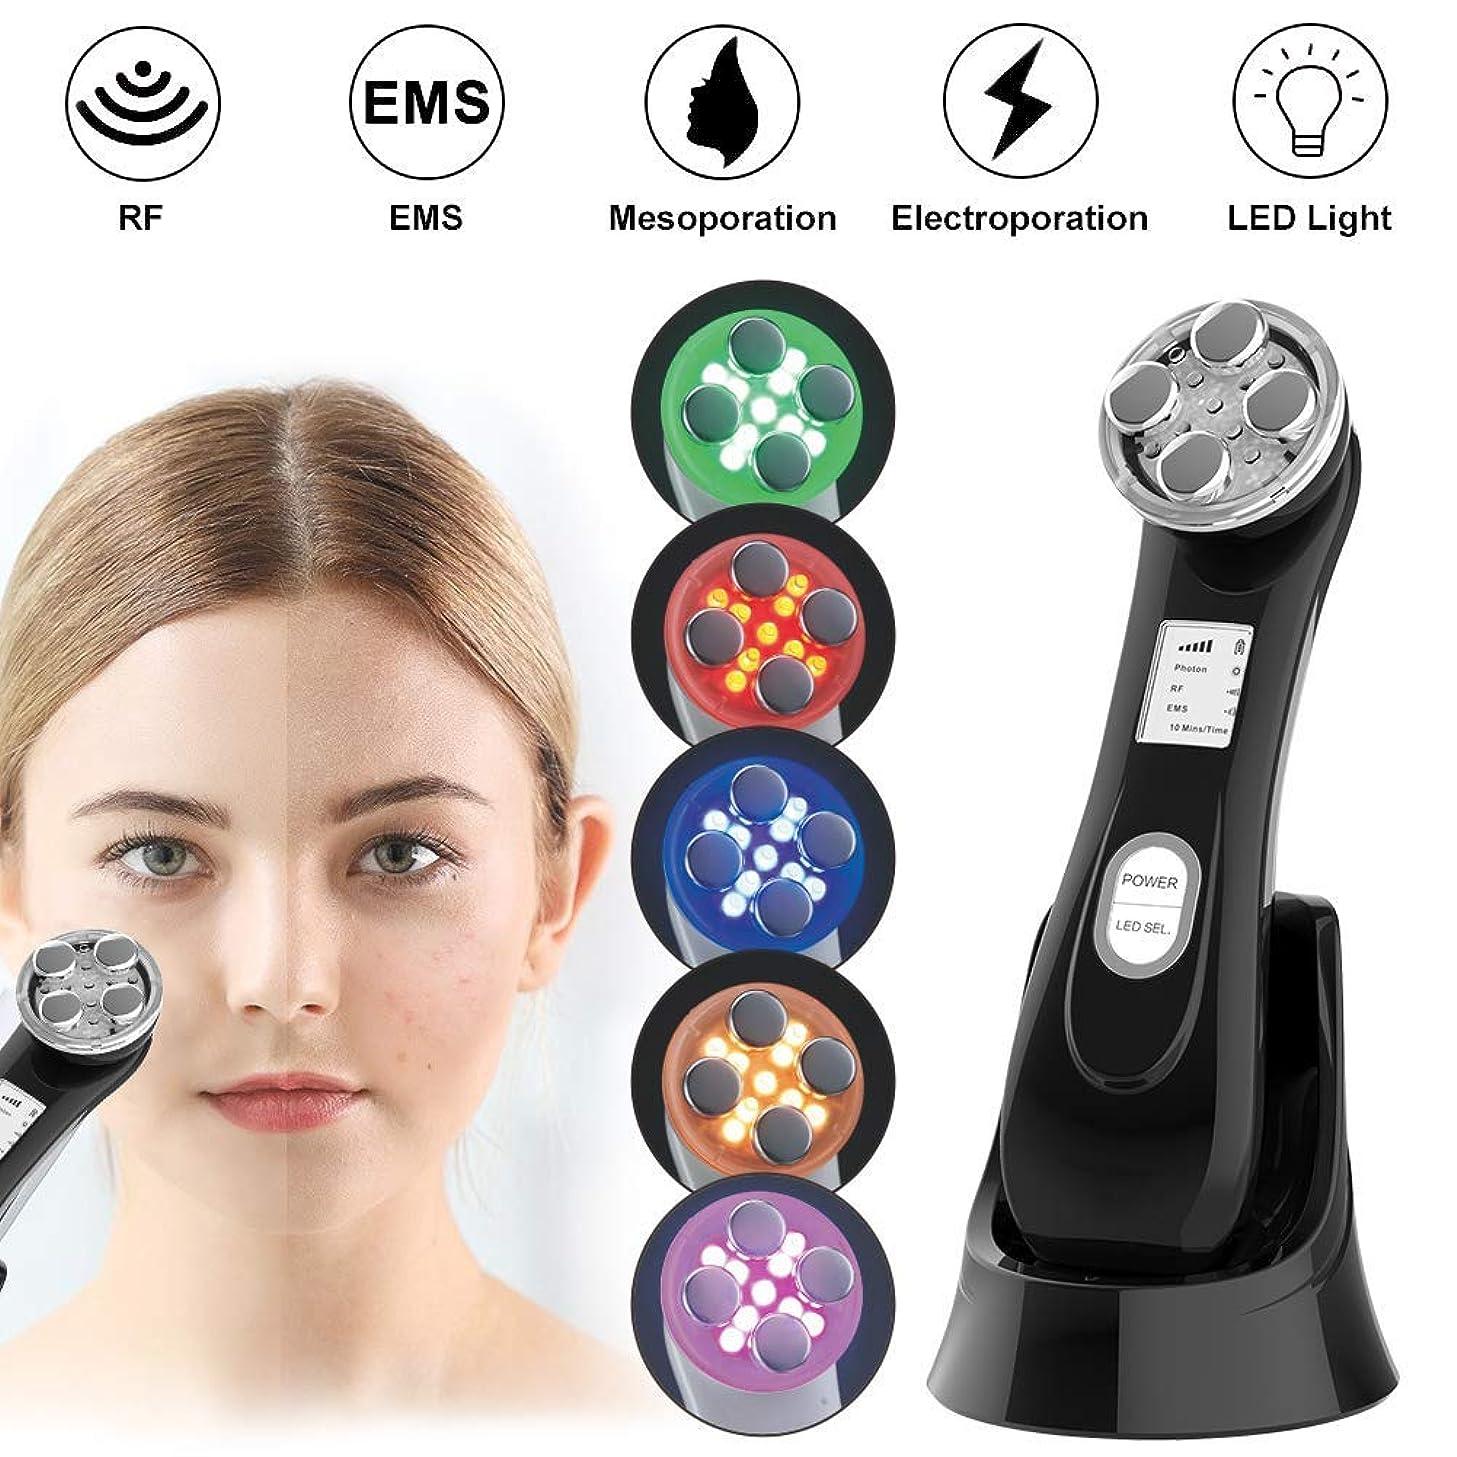 旋回たらい市場肌の引き締め機、しわ除去機、6 in 1 RF美容アンチエイジングアンチニキビフェイシャルリフティング美容機高周波USB充電式EMS超音波LEDフェイシャルフォトンフェイススキンケア